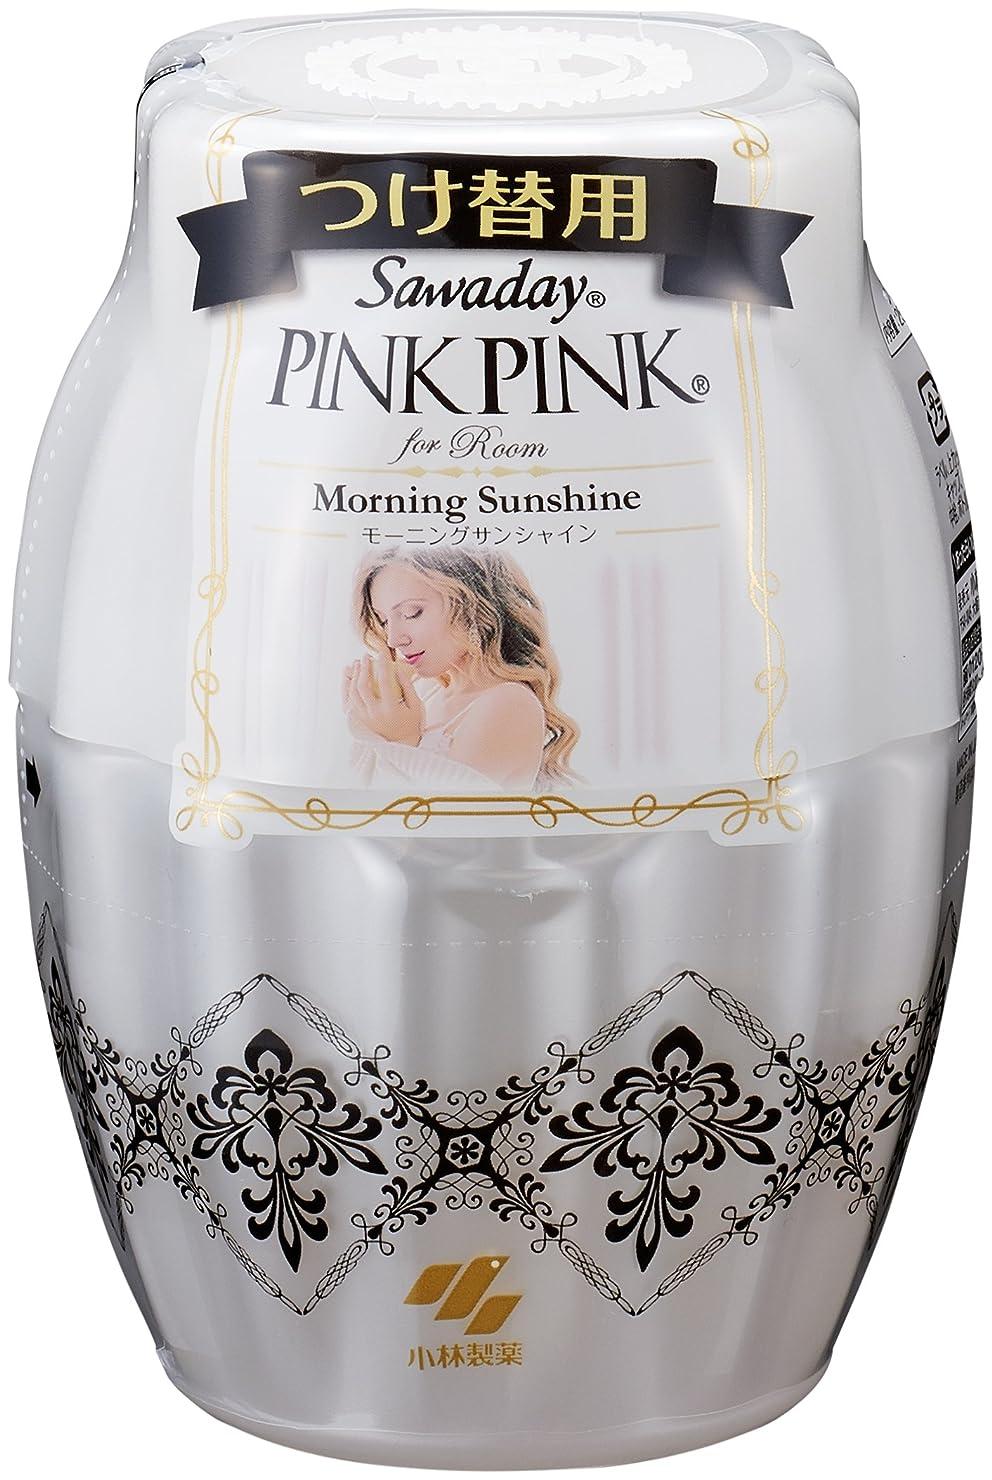 キモい毎年いわゆるサワデーピンクピンク 消臭芳香剤 部屋用 詰め替え用 モーニングサンシャイン 250ml